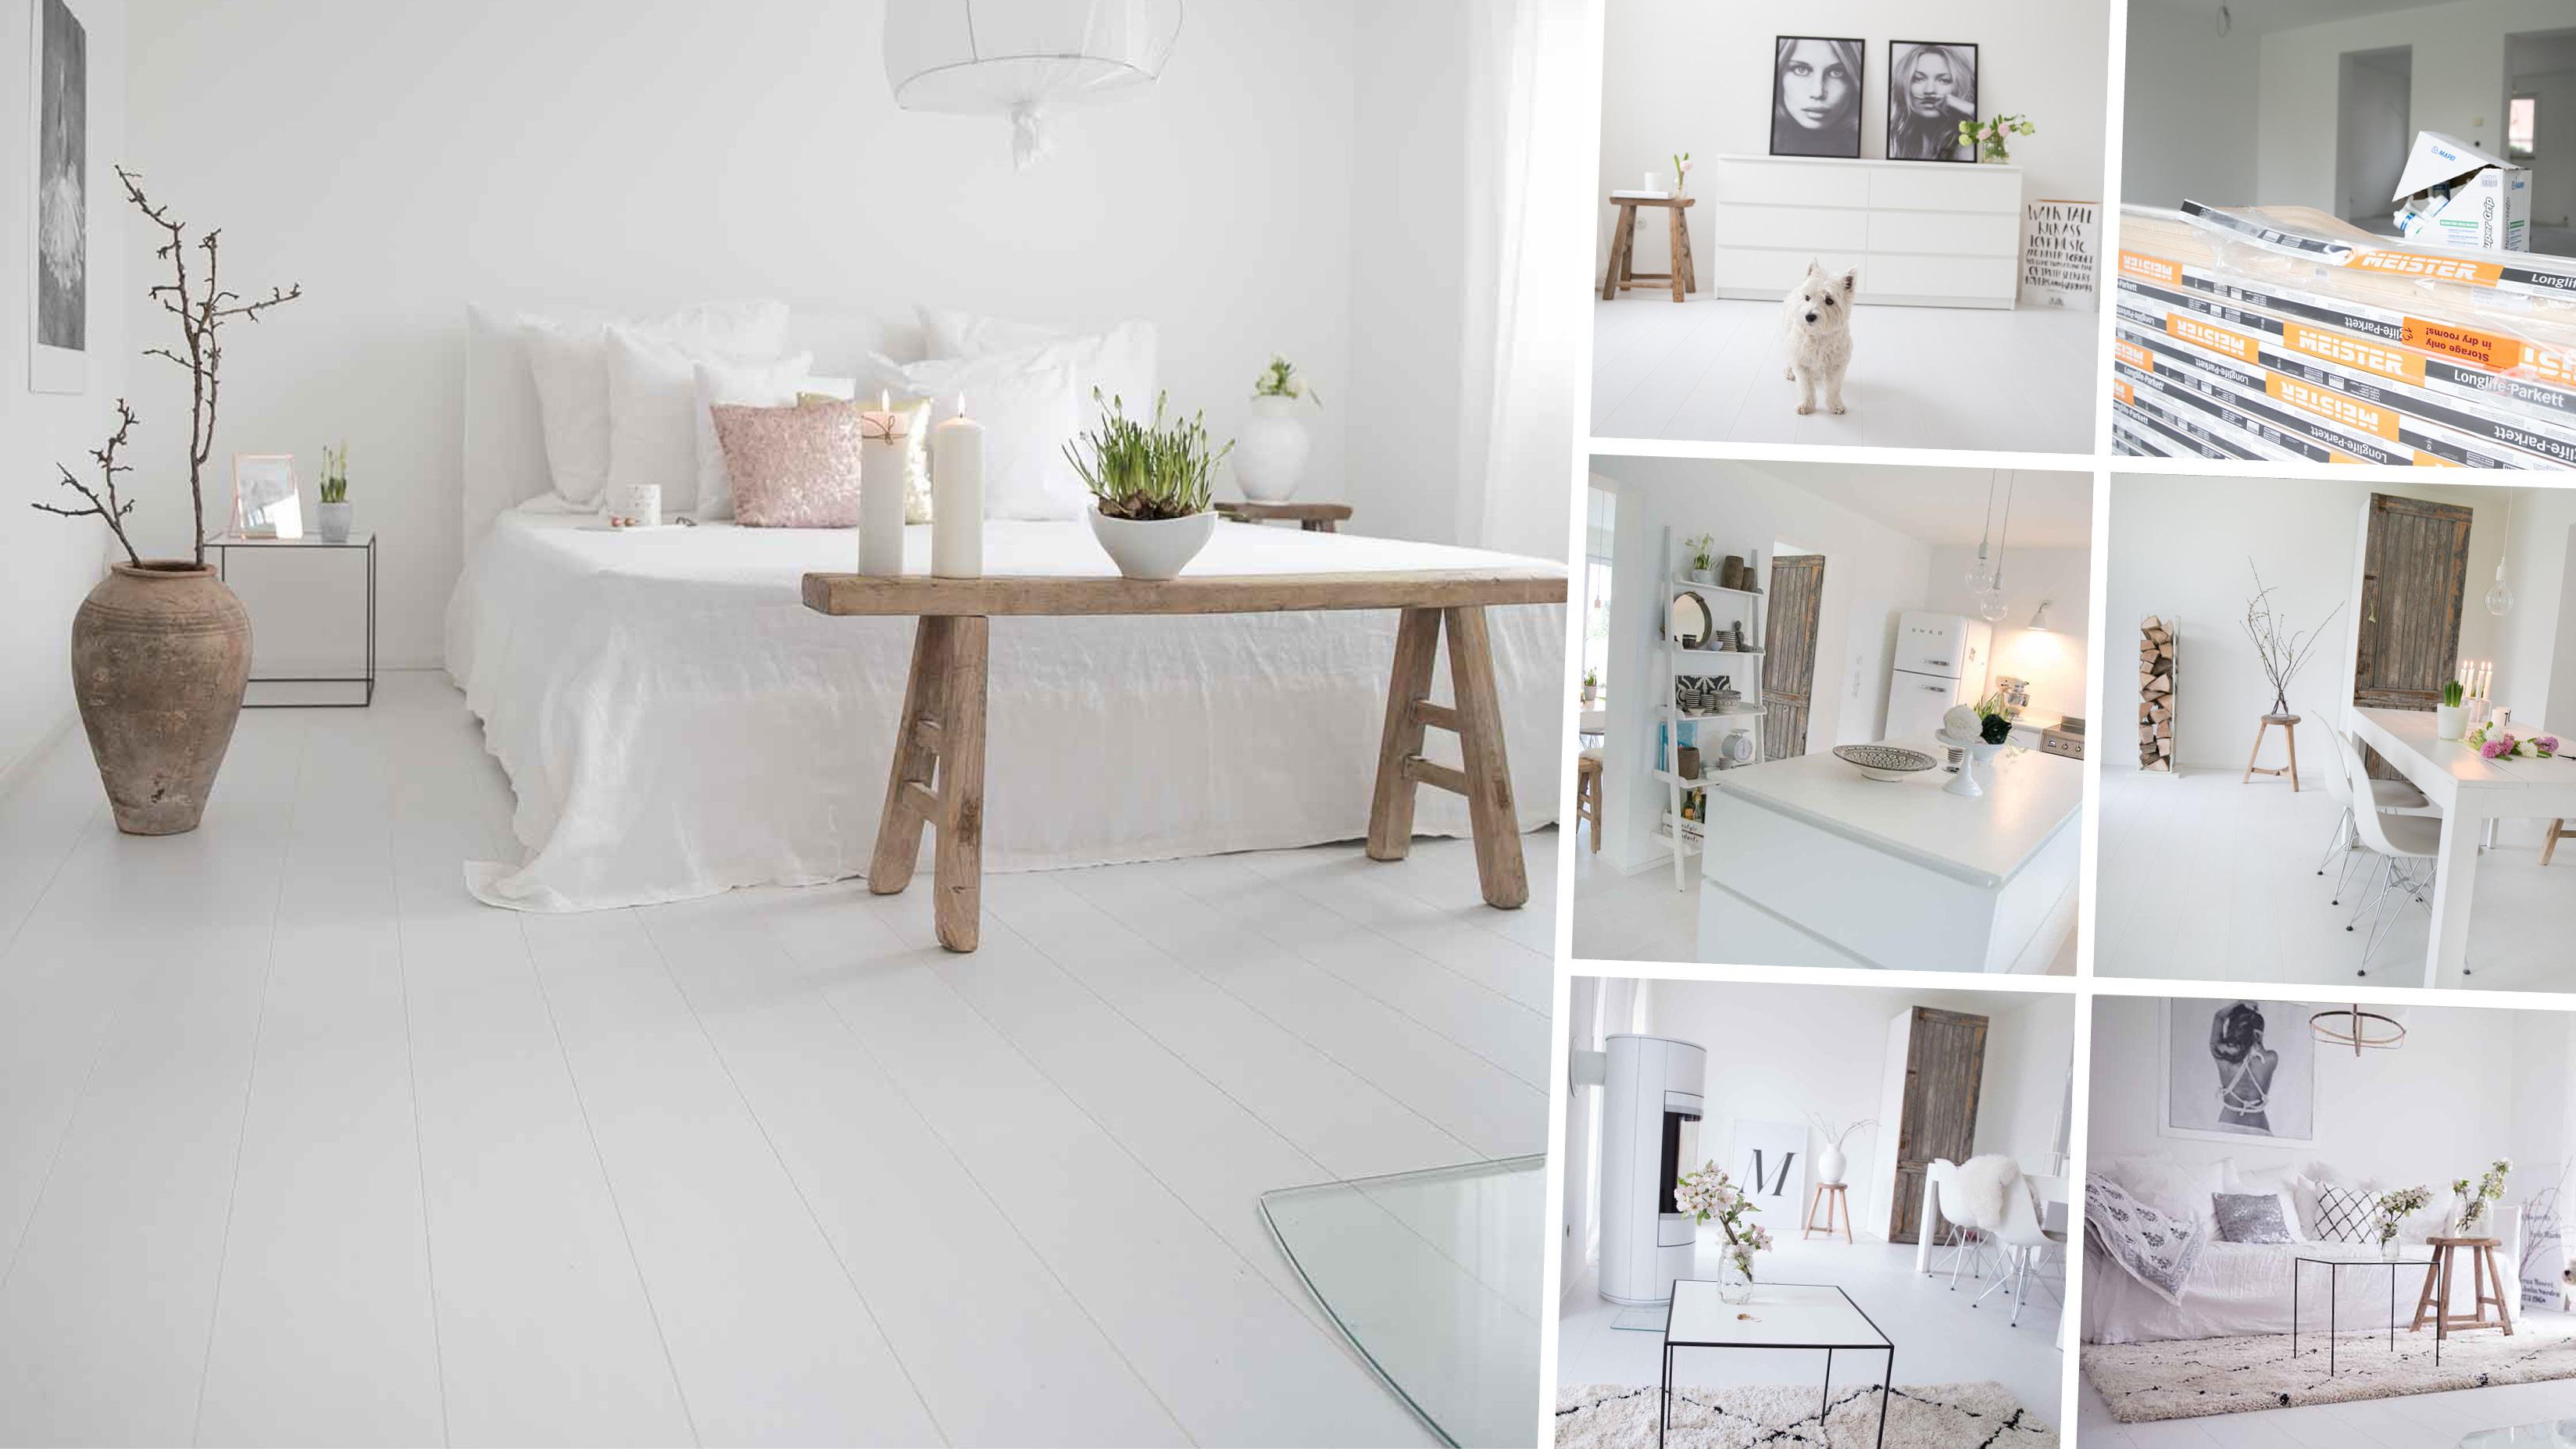 Cocojana Alles In Het Wit Inspiratie